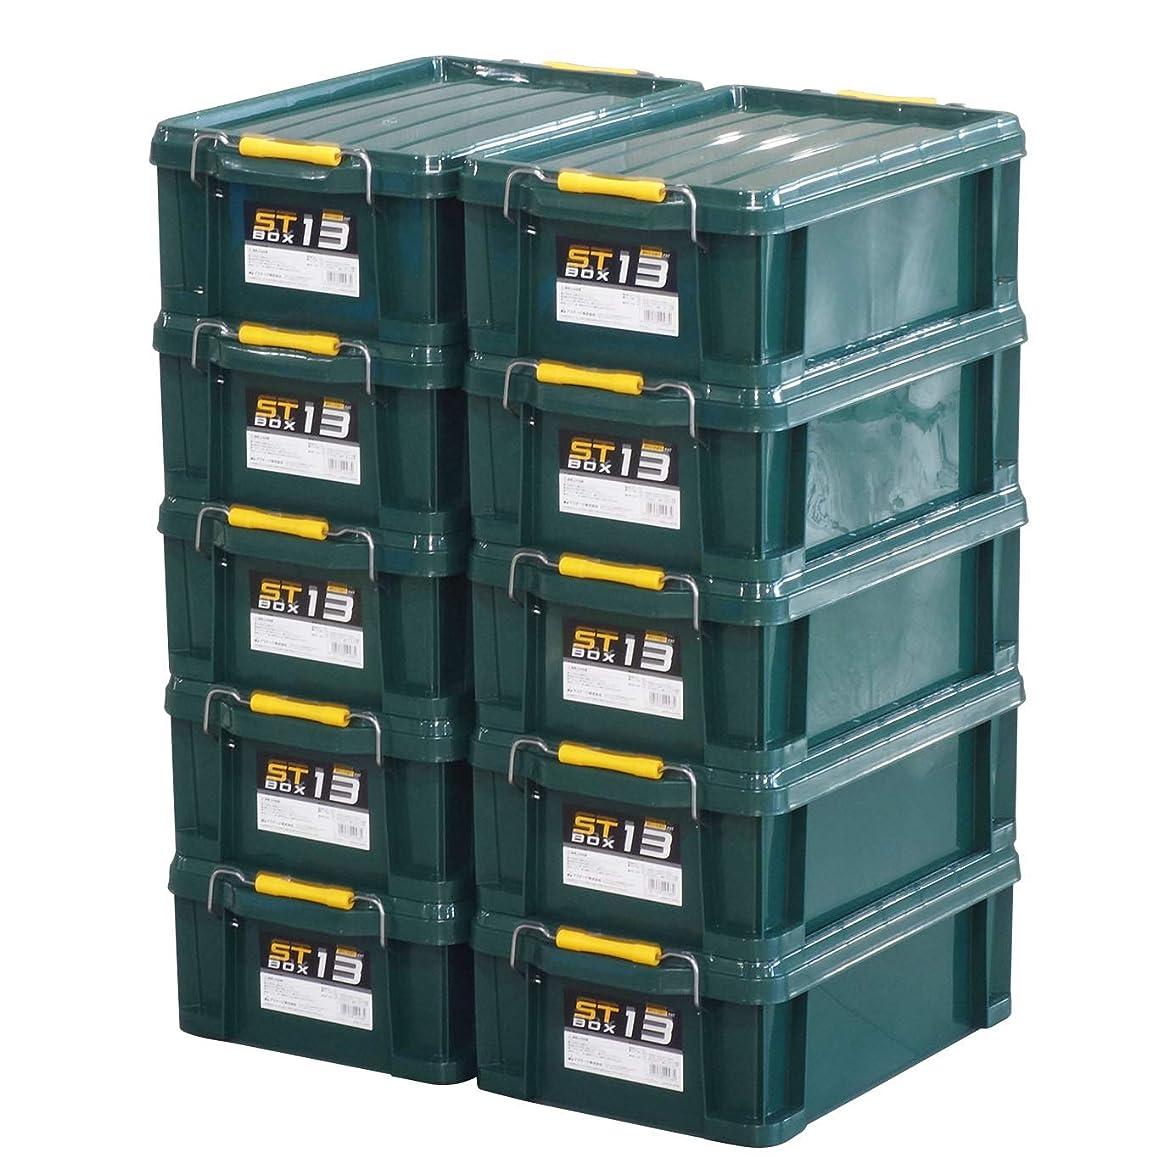 圧倒する制限する哀れなAstage(アステージ) 収納ボックス STボックス #13 DKグリーン 奥行44.3×高さ15.9×幅29.5cm 10個セット